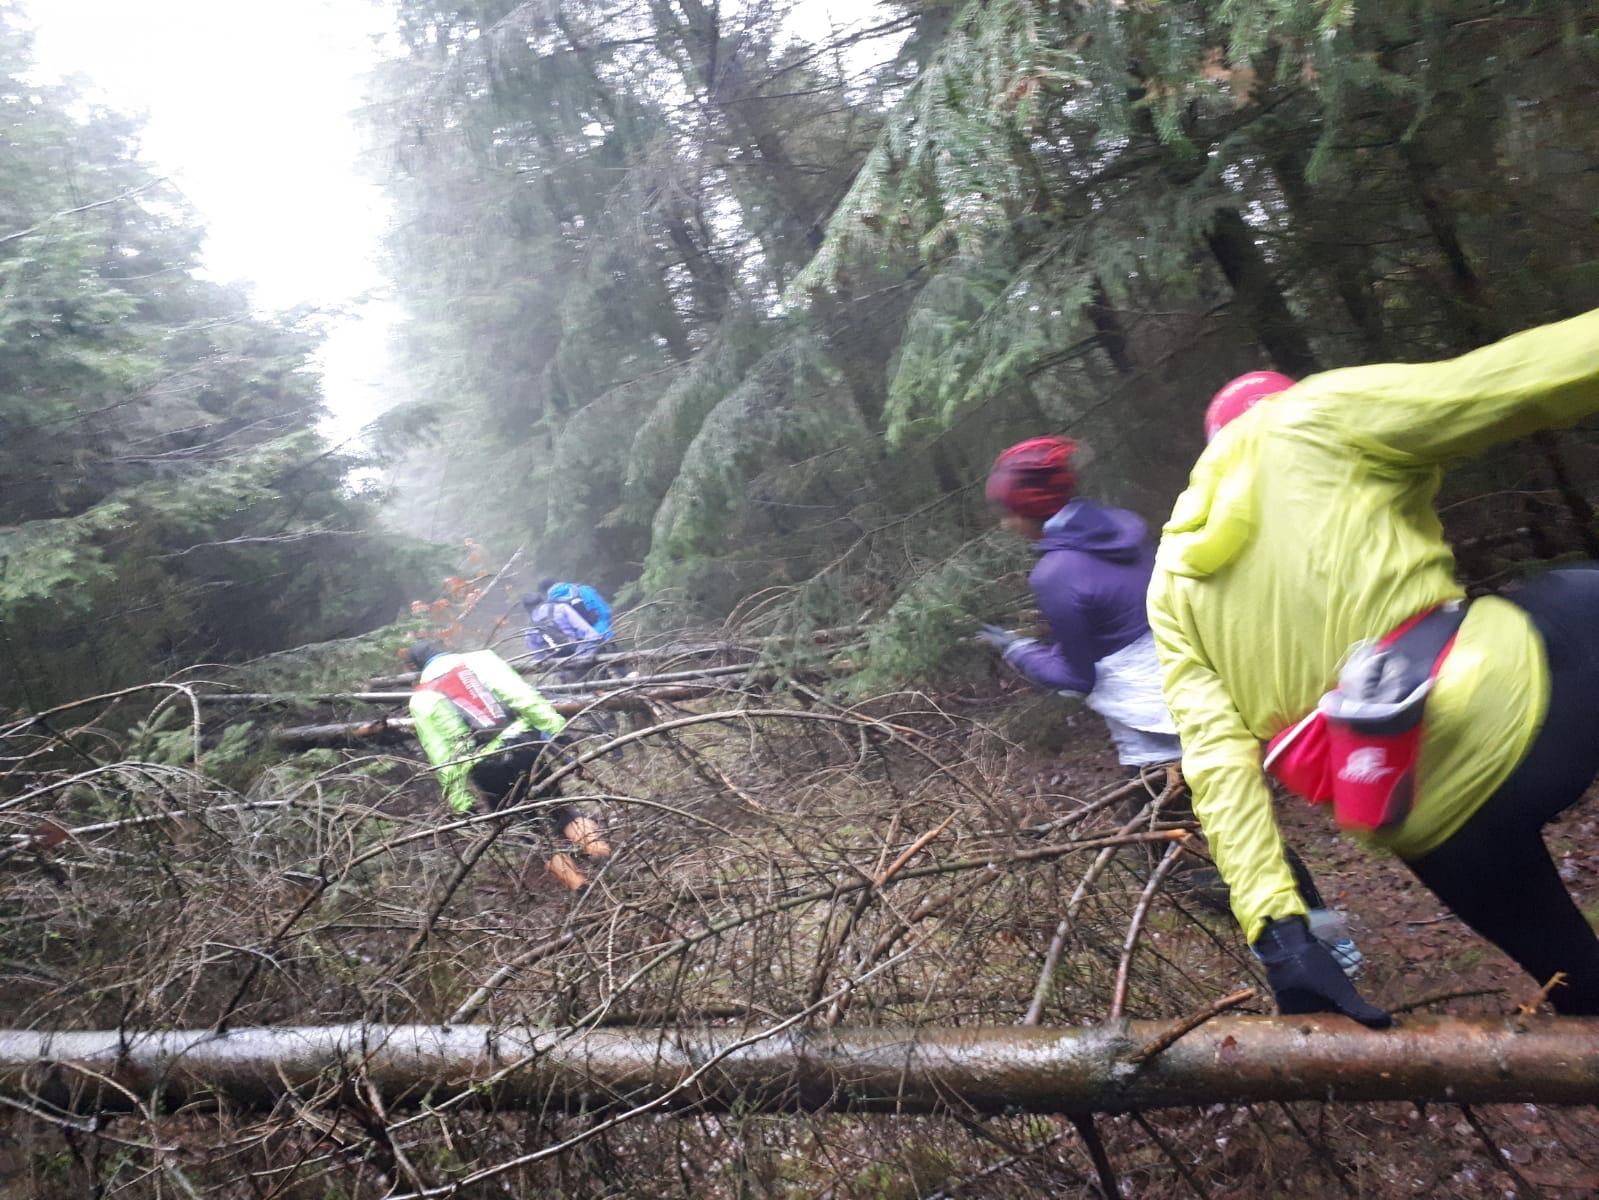 Lauftraining mit Hindernissen - umgefallene Bäume versperren den Weg